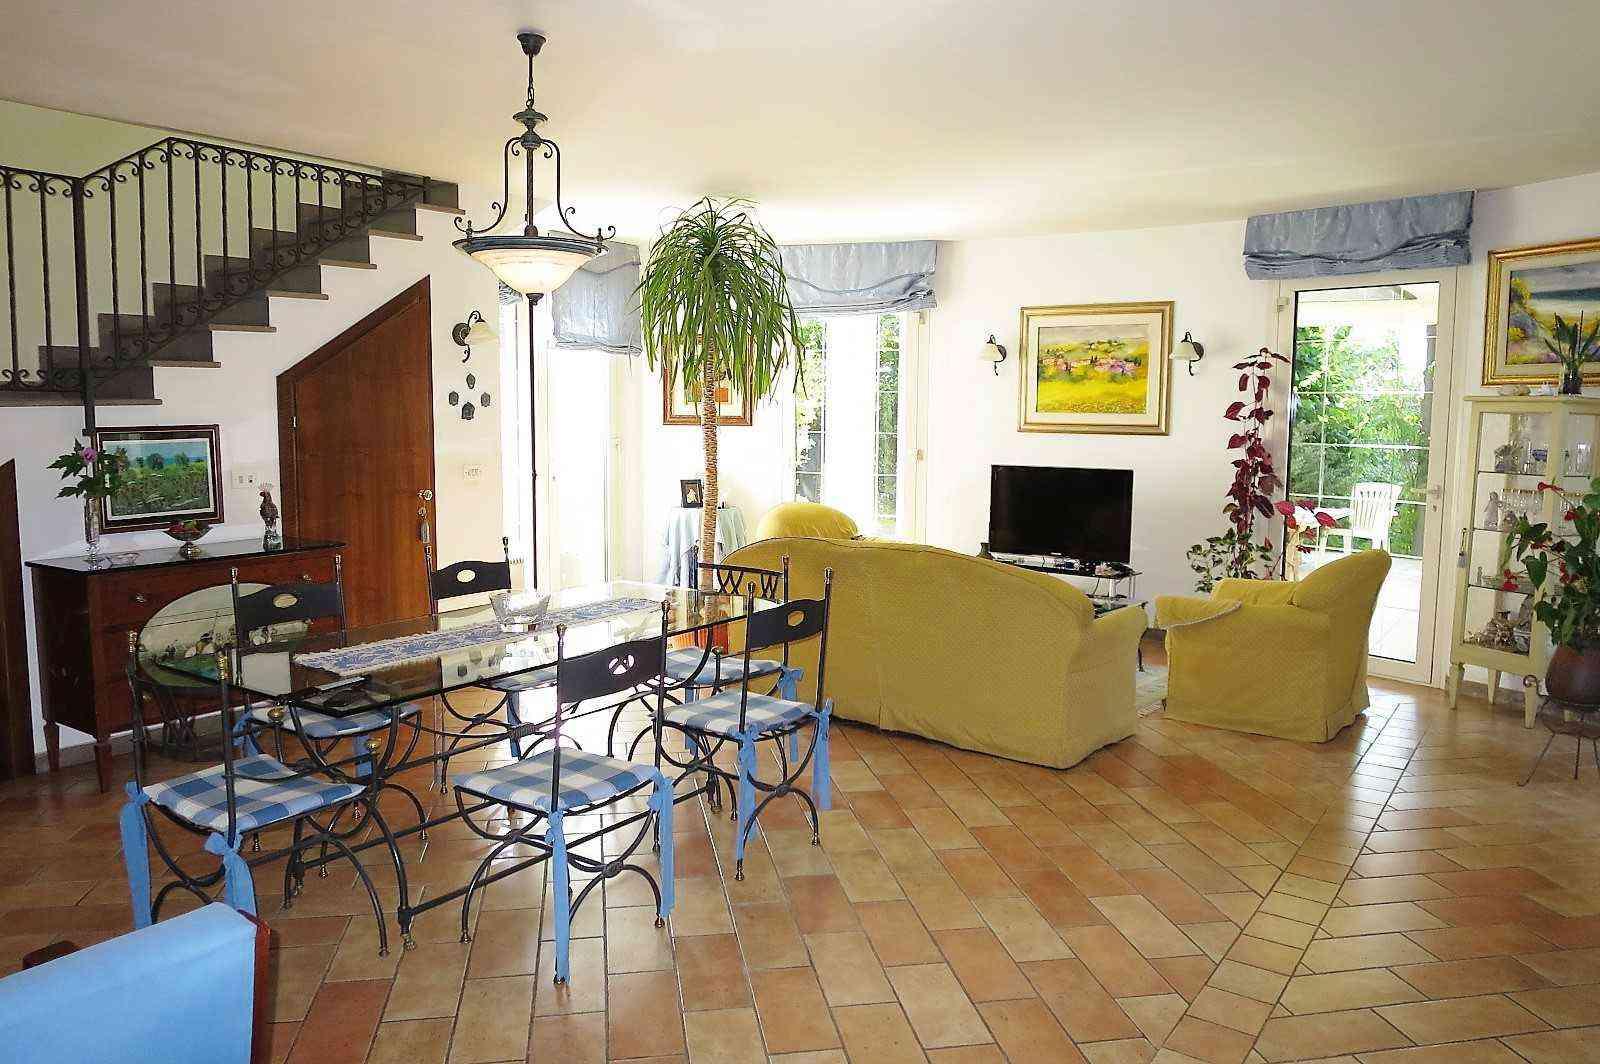 Villa Villa for sale Atri (TE), Villa Paola - Atri - EUR 473.281 110